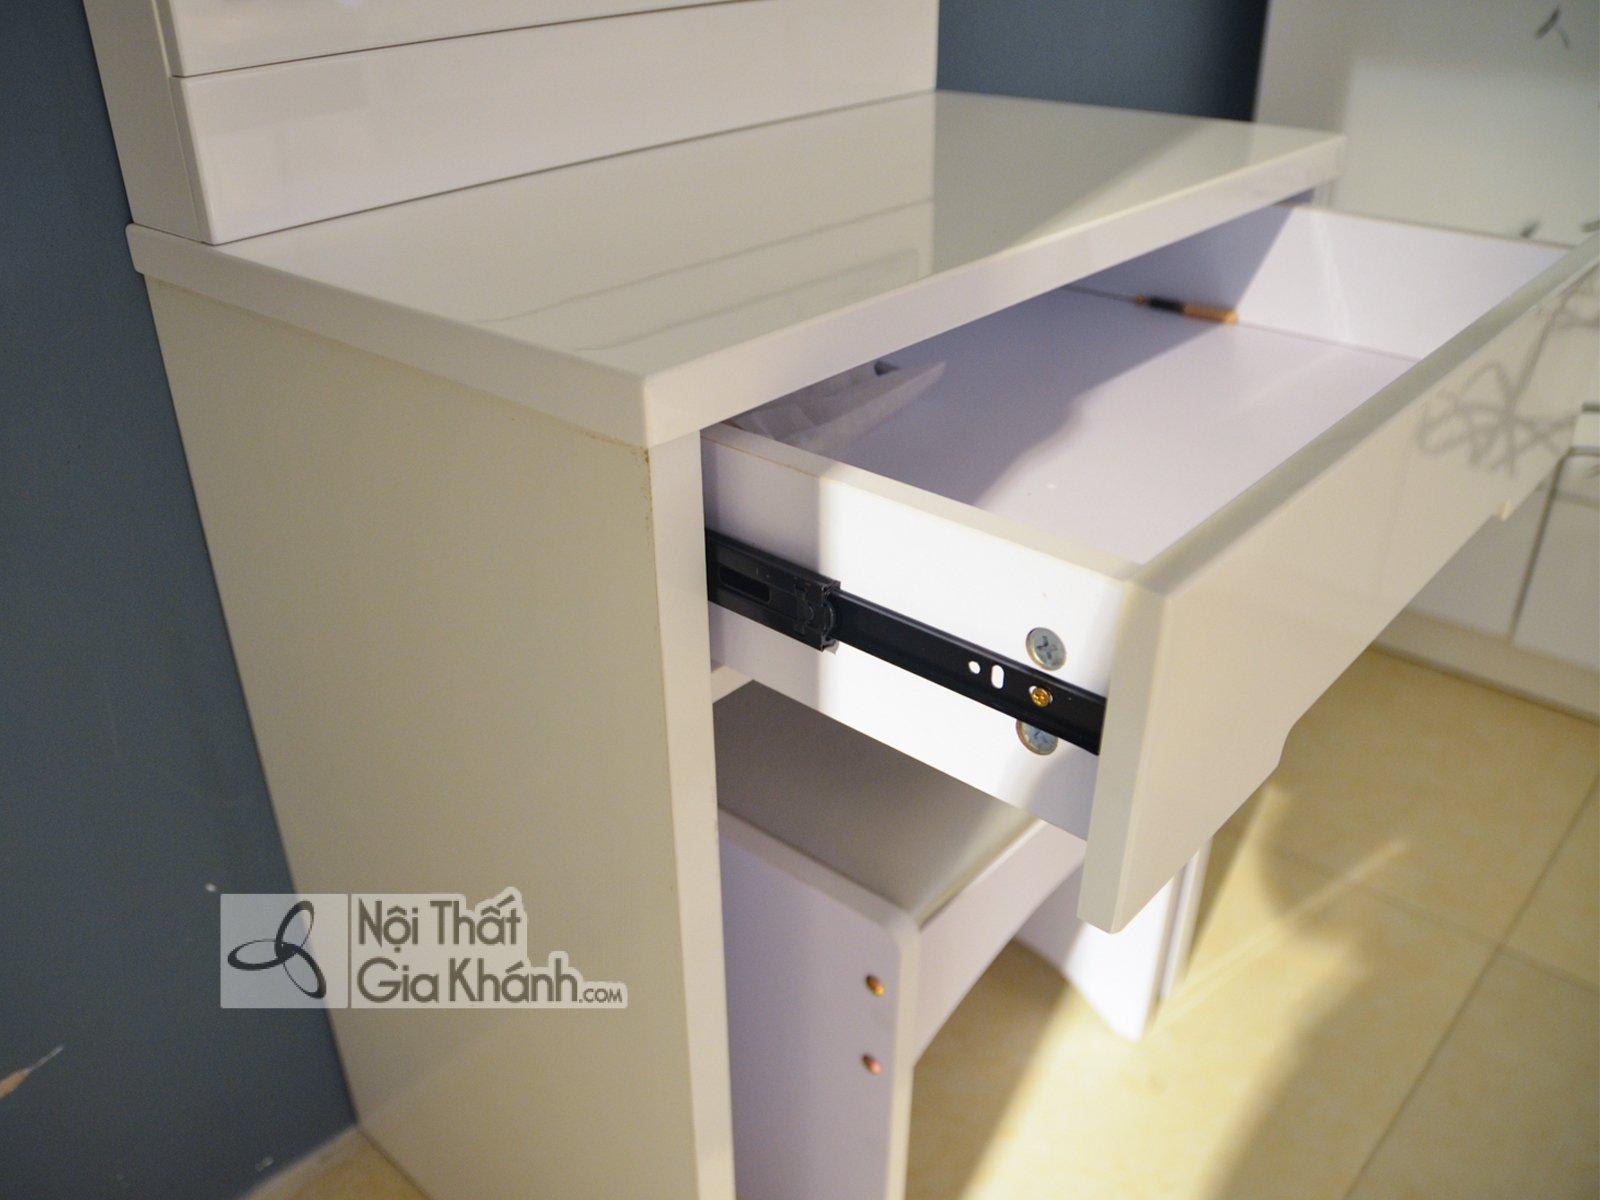 Bộ bàn phấn hiện đại cho phòng ngủ gỗ công nghiệp giá rẻ 09-L - bo ban phan phong ngu gia re 09 l 1